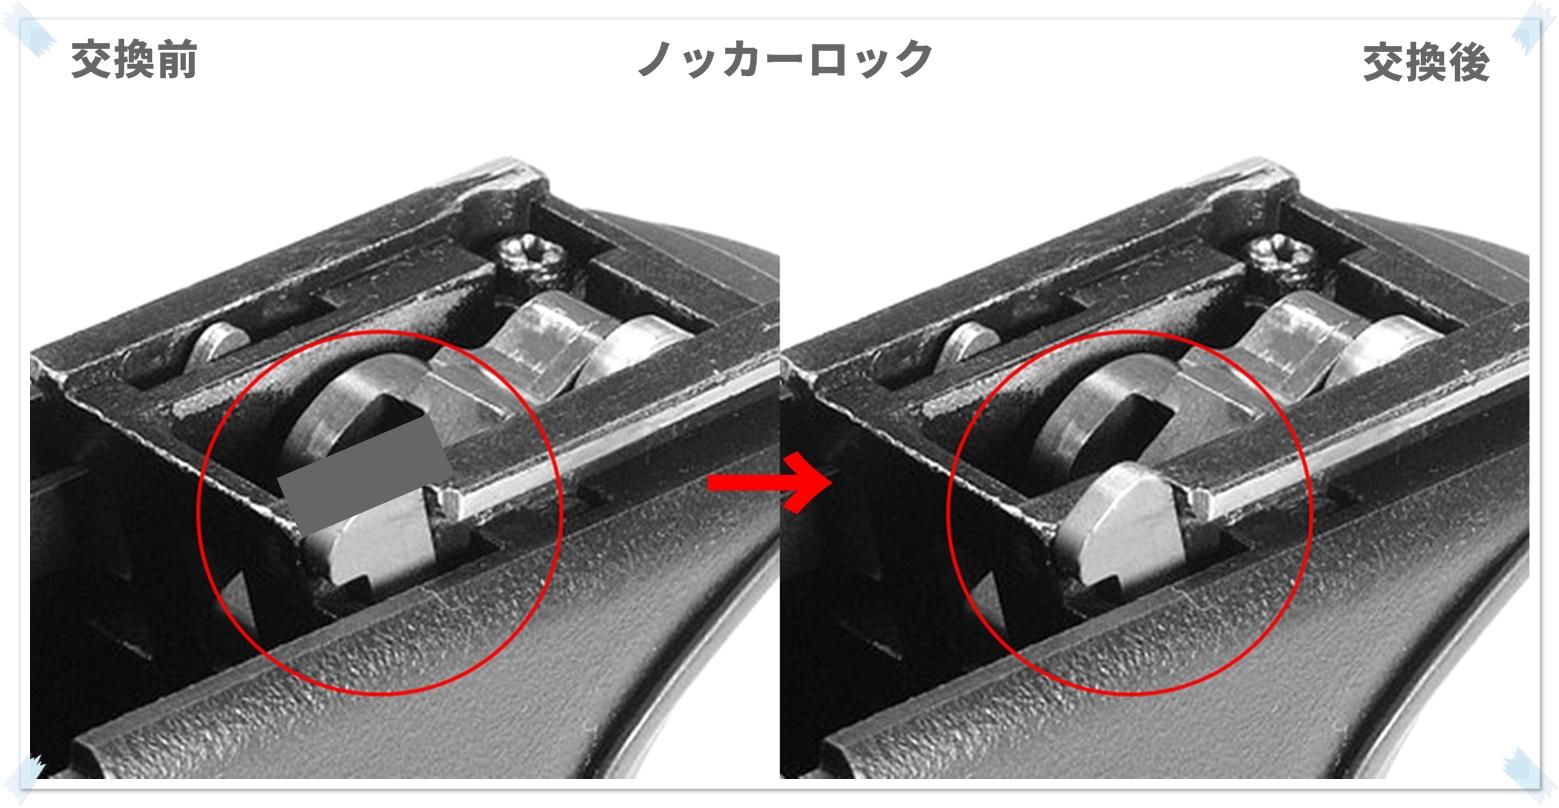 16 GLOCK 18C GBB スライドの動作不良を修理するぞ! GUARDER スチール トリガーバー & ガーダー スチール ノッカーロック 購入 分解 取付 修理 加工